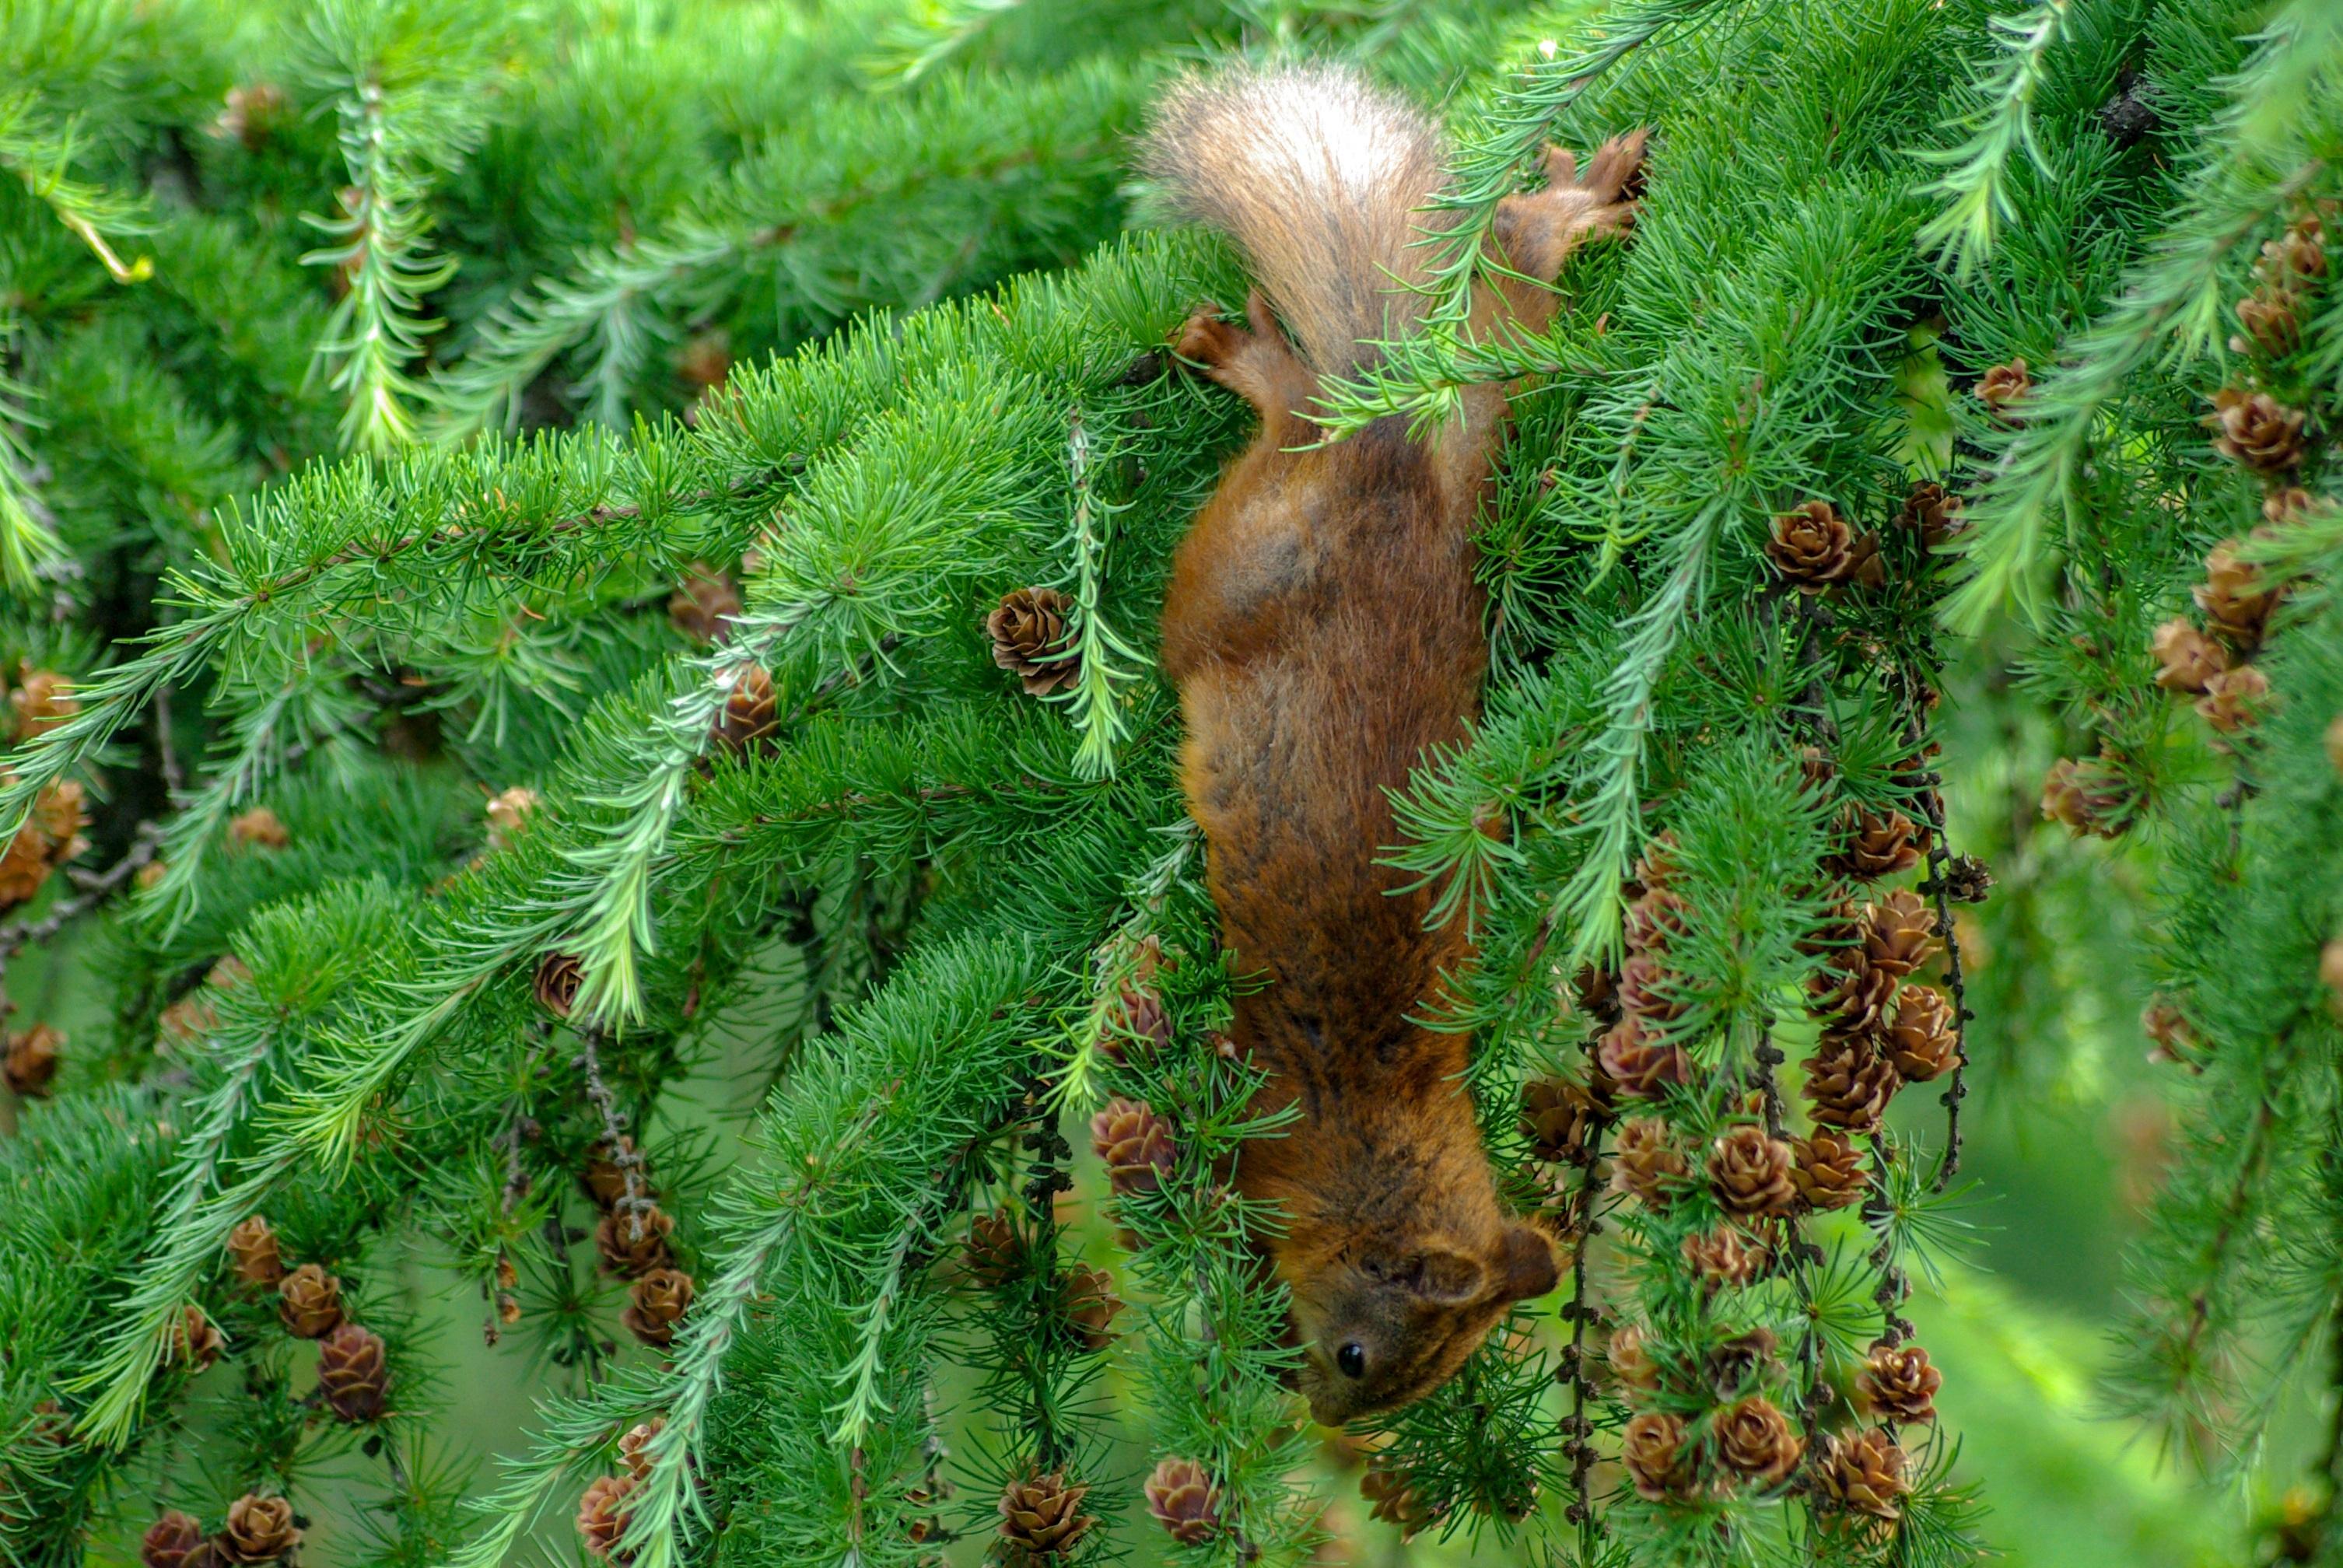 Bilder von Eichhörnchen Fichten Ast Zapfen Tiere 3012x2016 Hörnchen